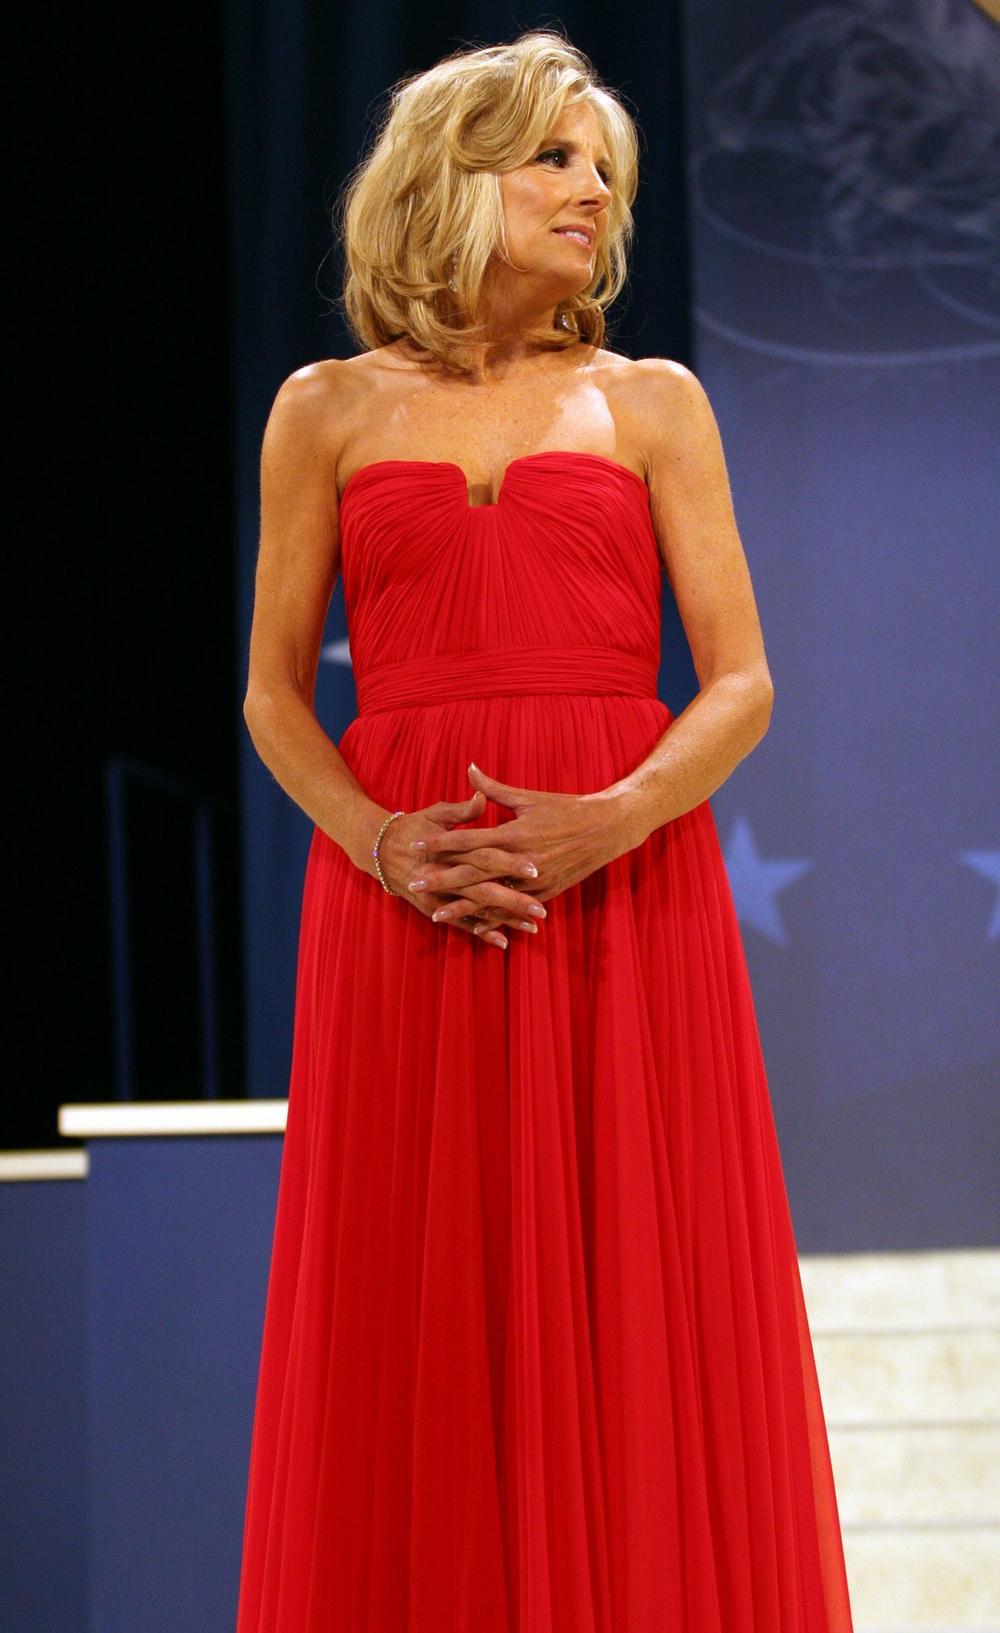 Phong cách thời trang thanh tao của vợ ứng viên Tổng thống Mỹ Joe Biden Ảnh 4